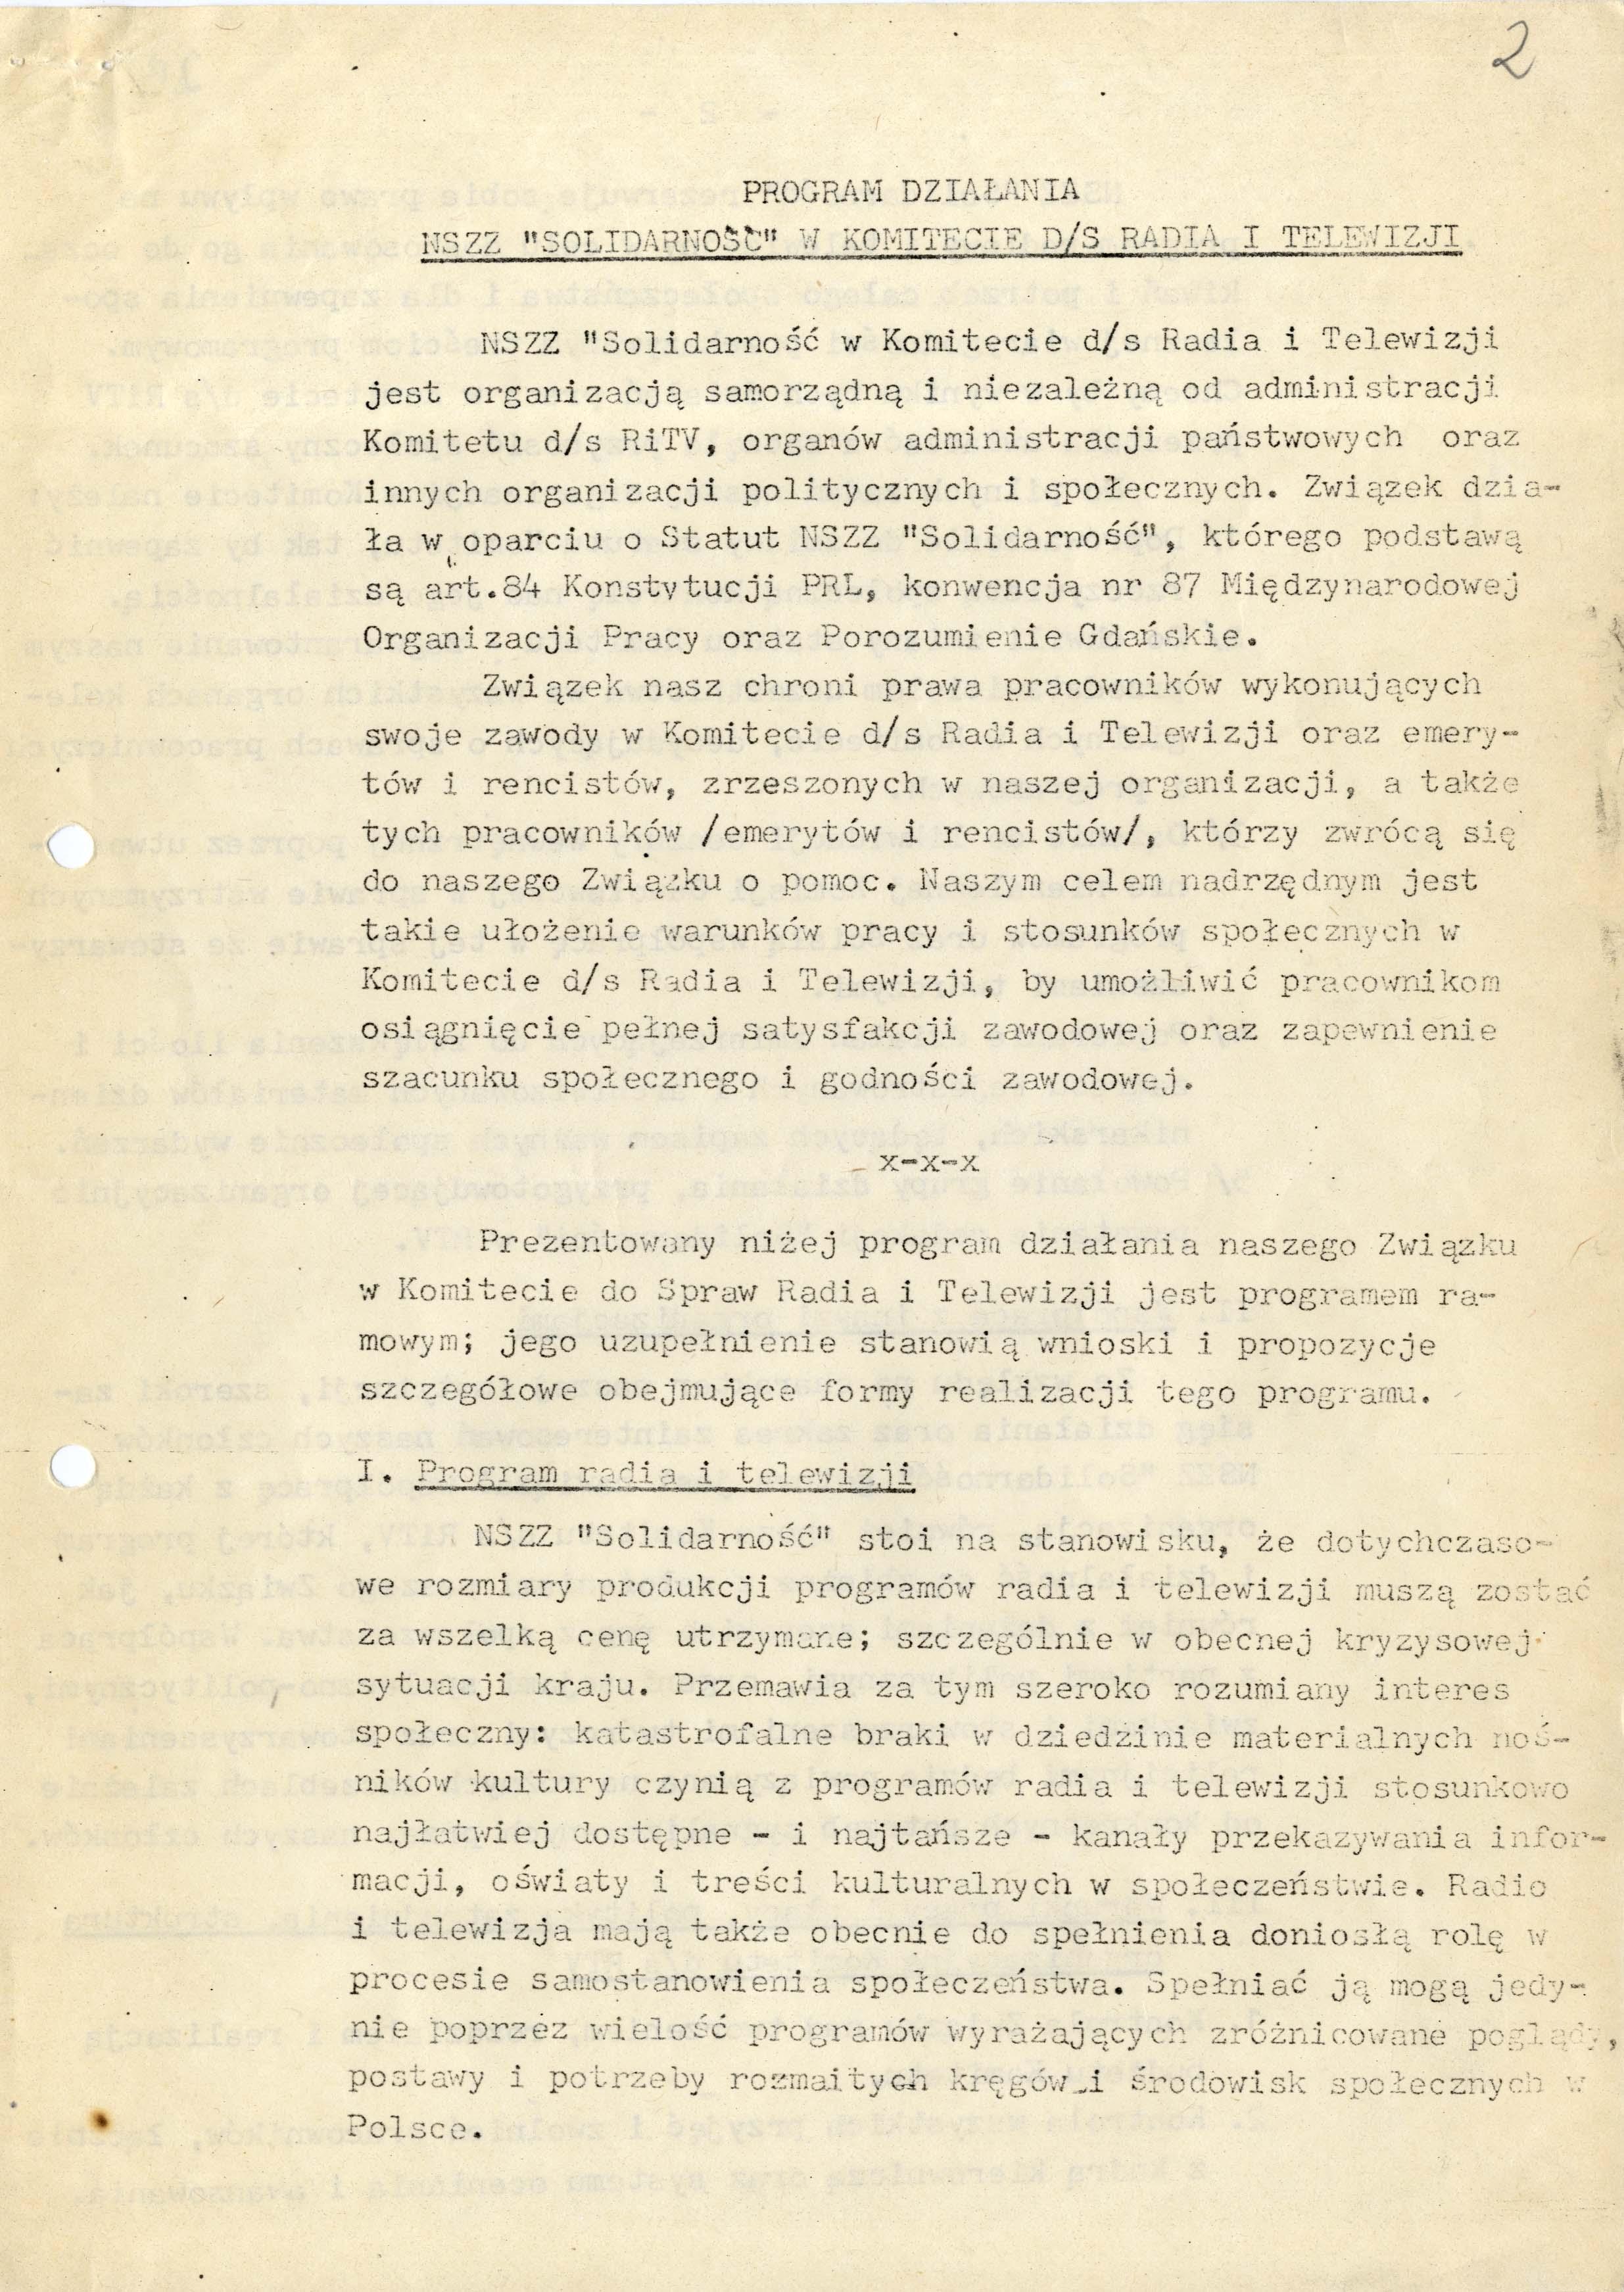 AKKS-347-61-1-002